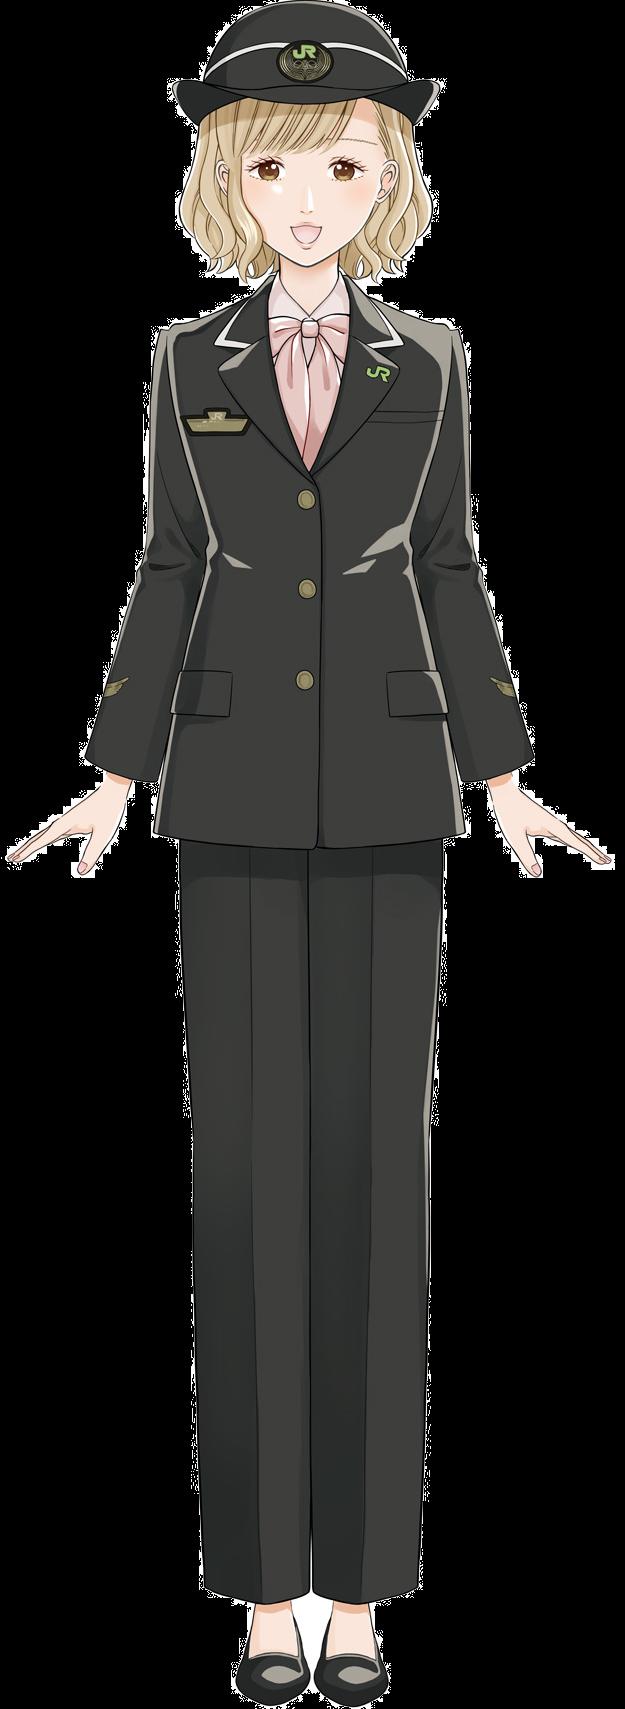 バーチャルキャラクターの「小石川 彩」